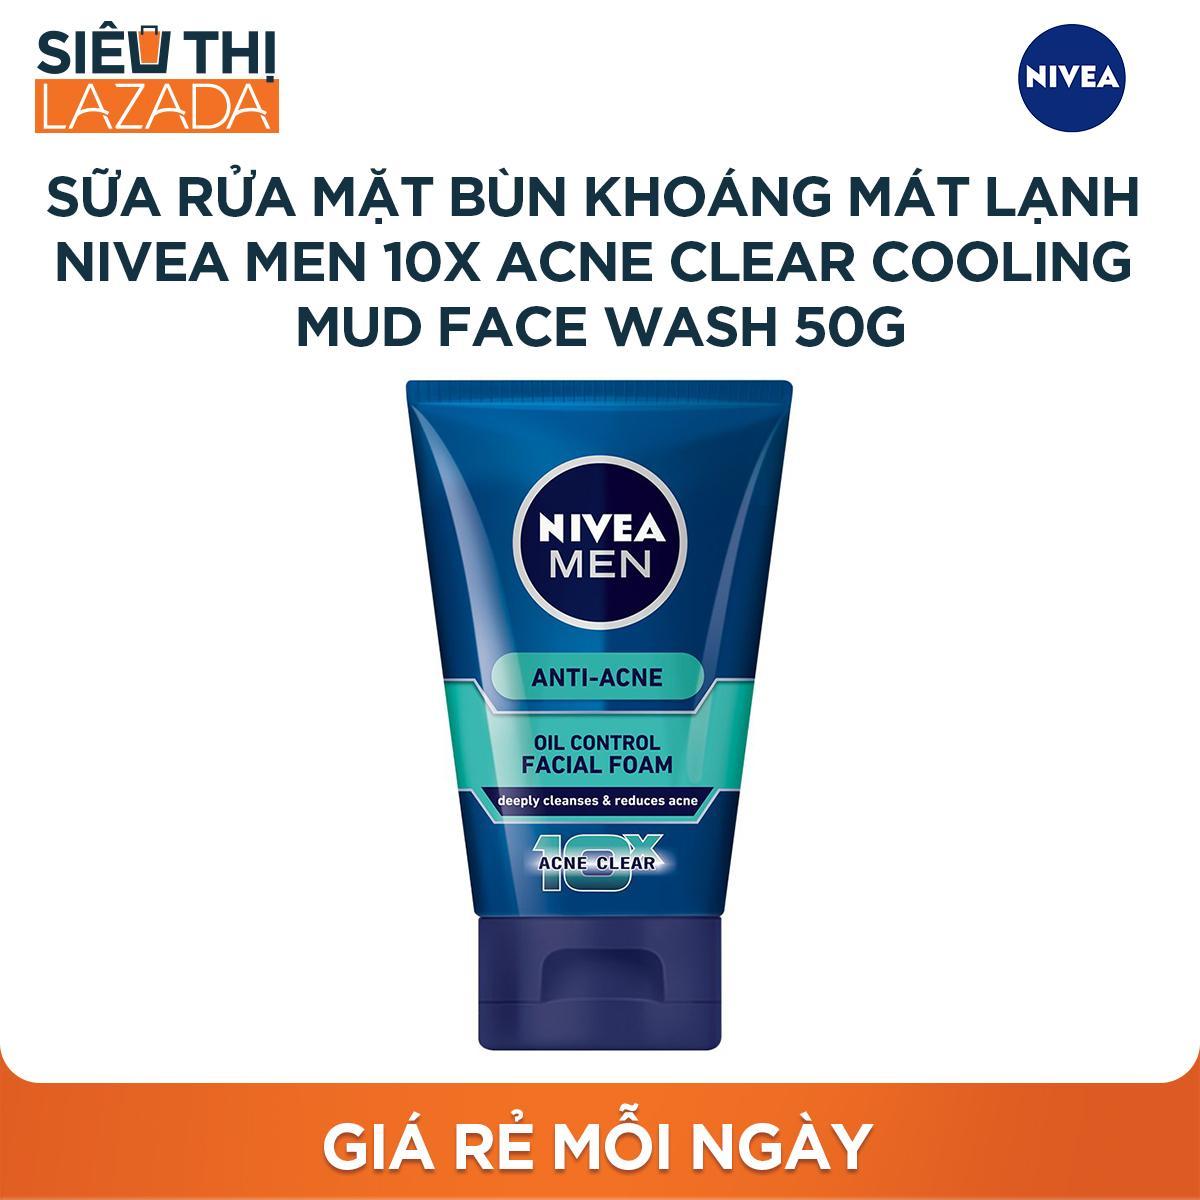 Sữa rửa mặt bùn khoáng mát lạnh NIVEA Men 10X Acne Clear Cooling Mud Face Wash 50g tốt nhất